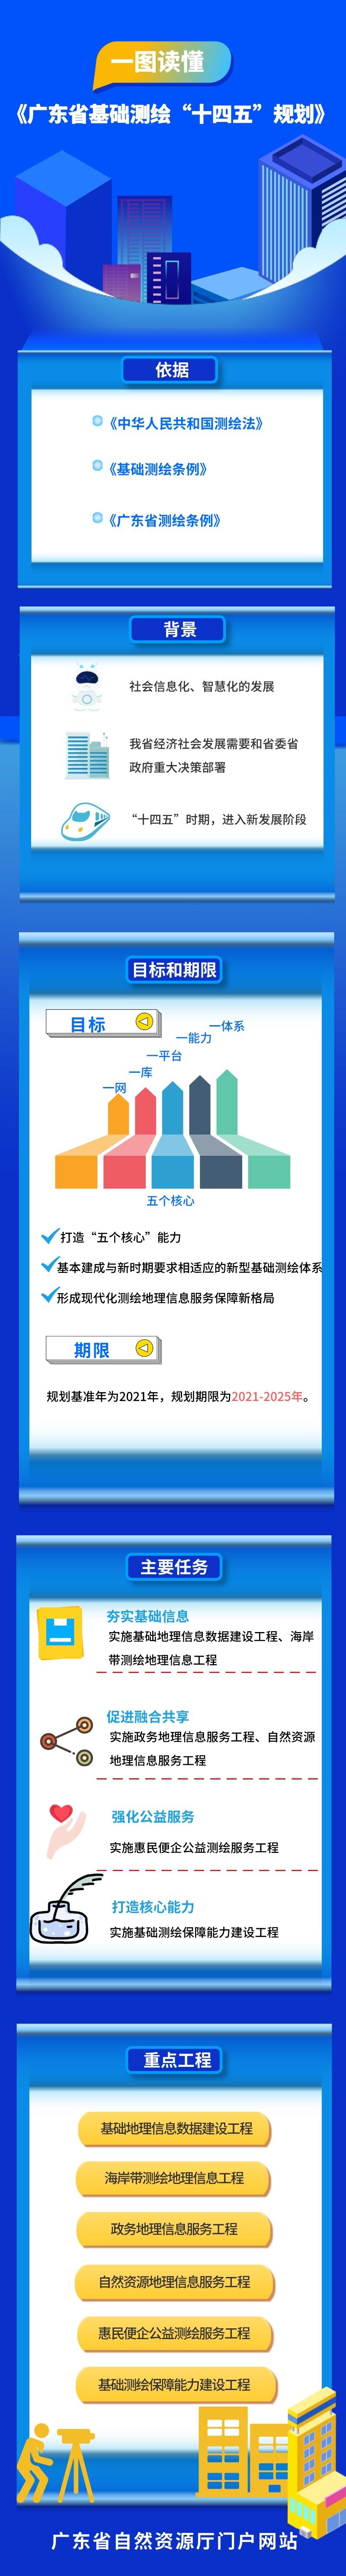 微信图片_20210910172556.jpg